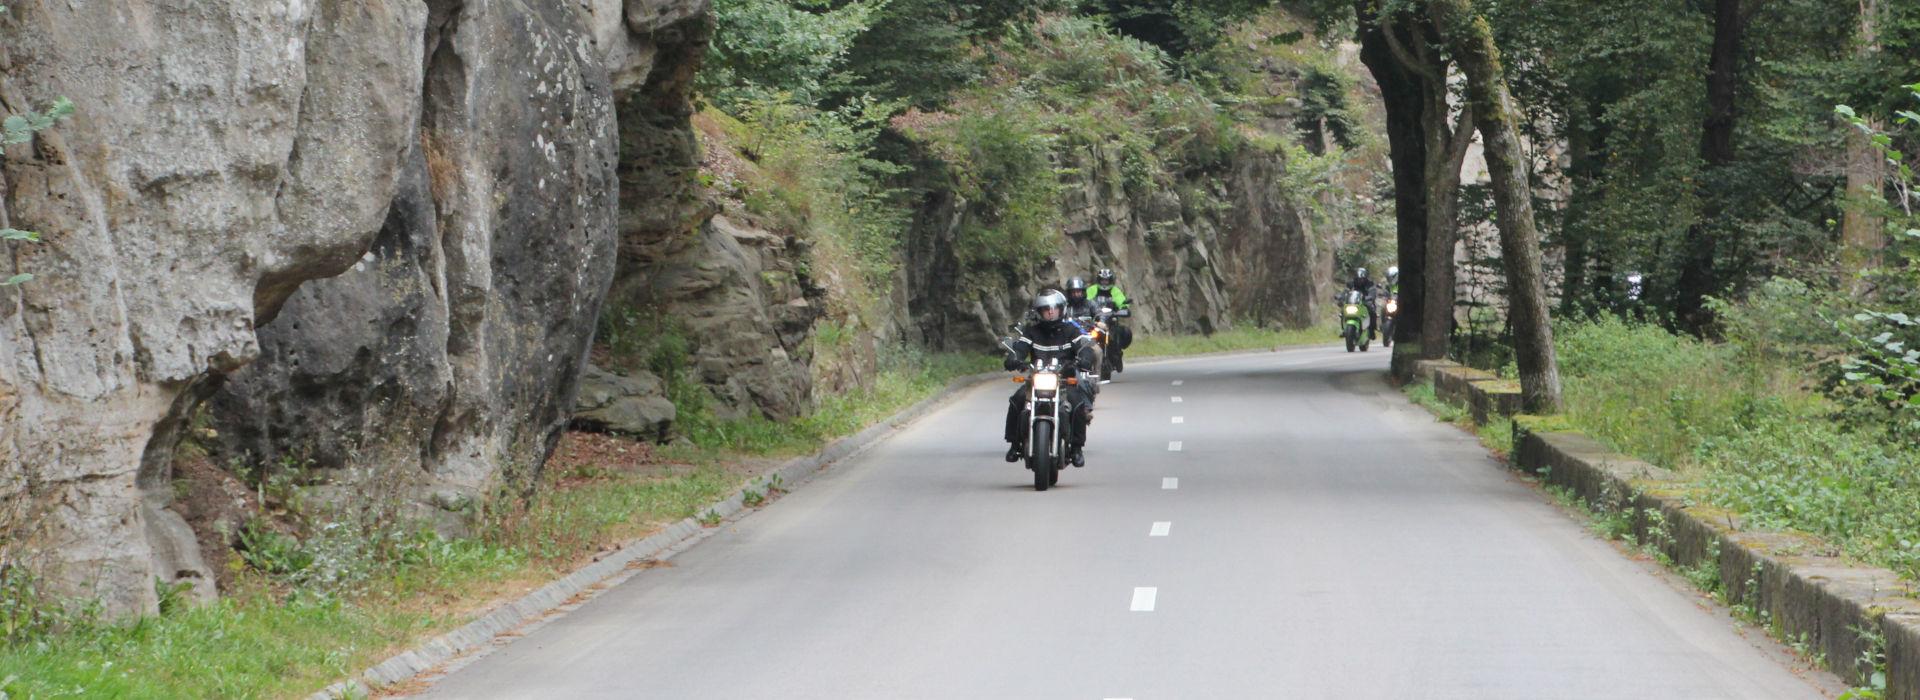 Motorrijbewijspoint Apeldoorn snel motorrijbewijs halen